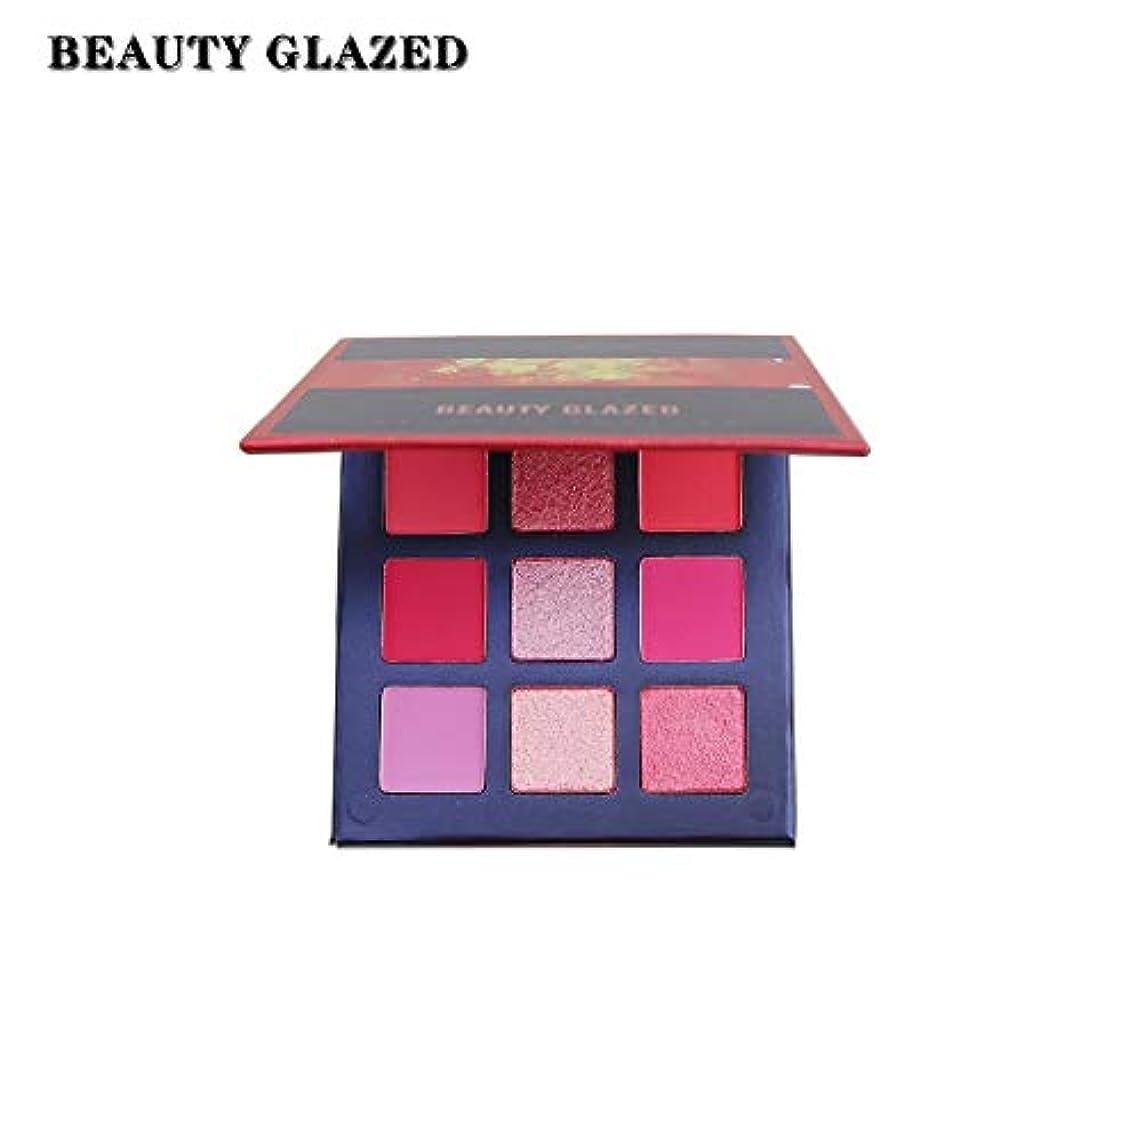 山補充略語Beauty Glazed 9色マットシマーウルトラピグメントメイクアップアイシャドウプレスキラキラパウダー長続きがする防水天然スモーキー化粧品アイメイクアップ # 08